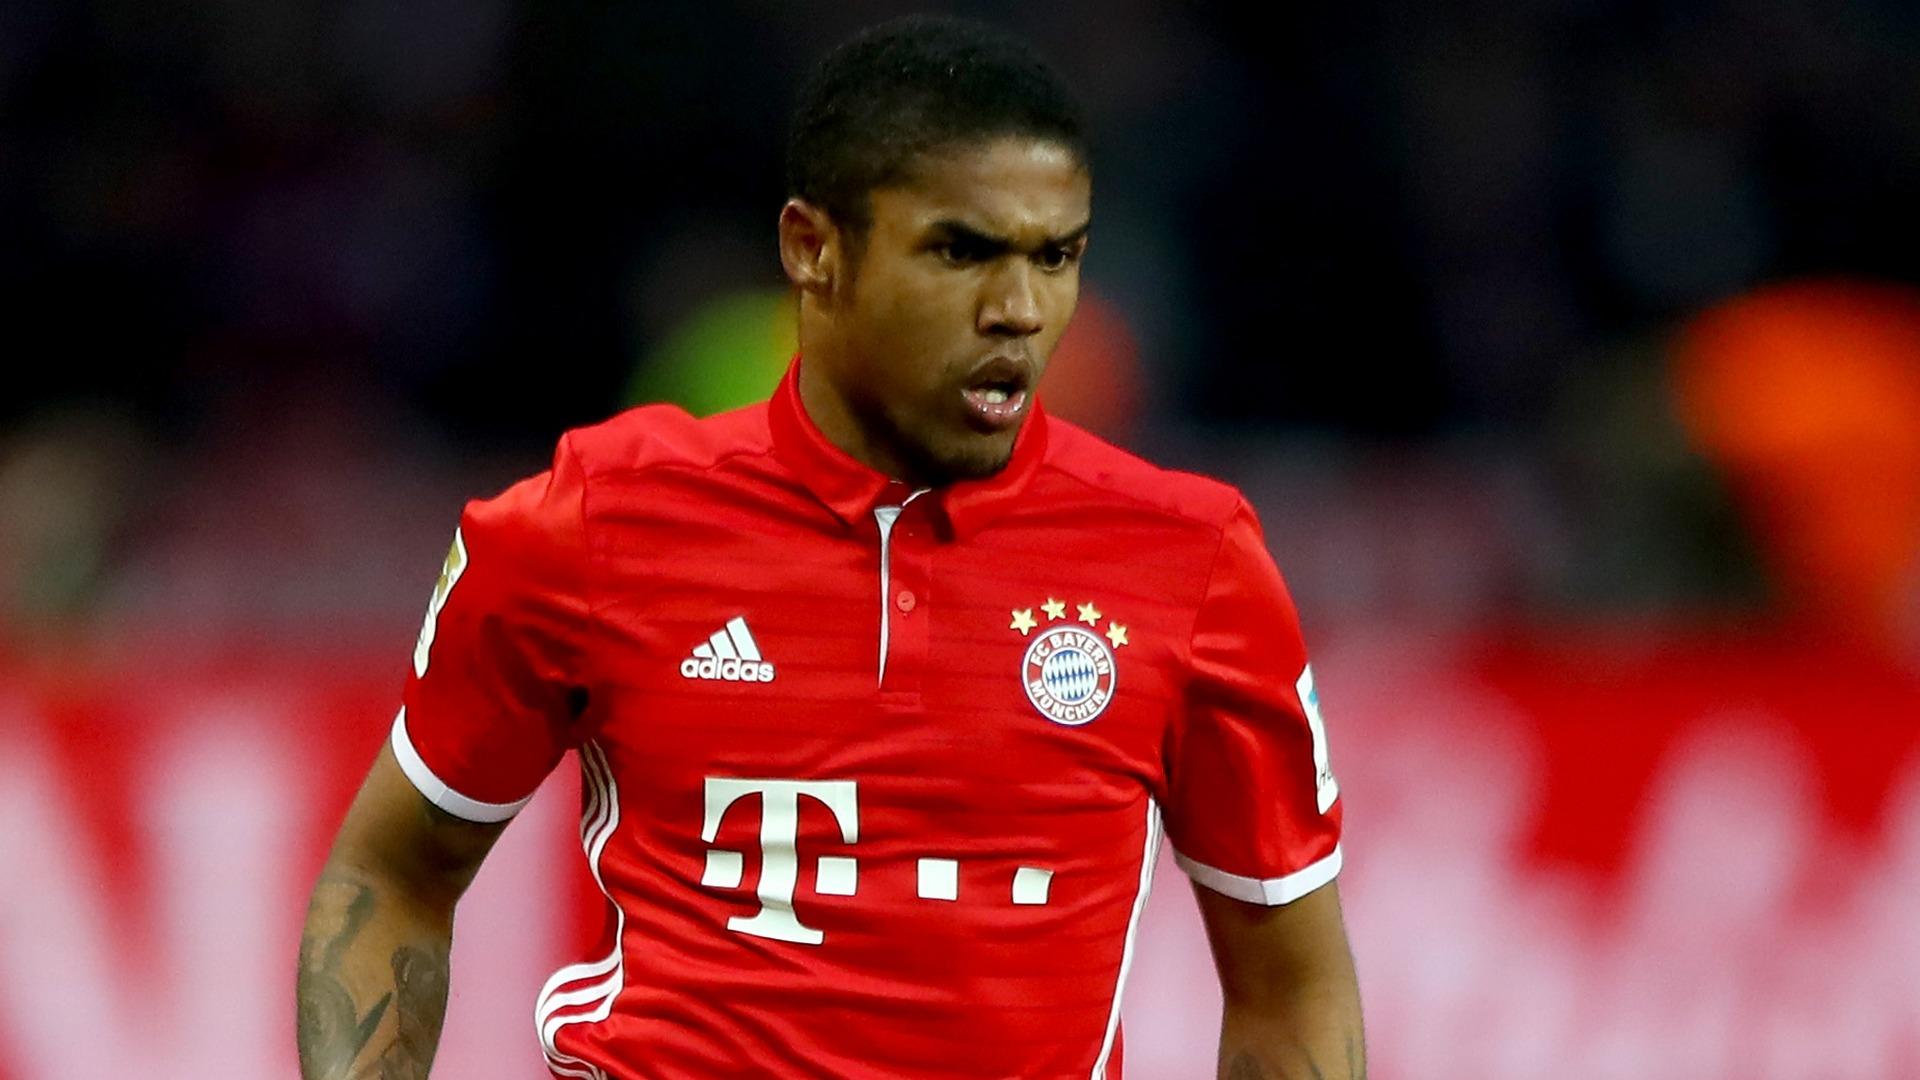 """Nhanh chóng đàm phán, Man United sáng cửa có được """"máy chạy"""" của Bayern Munich!"""